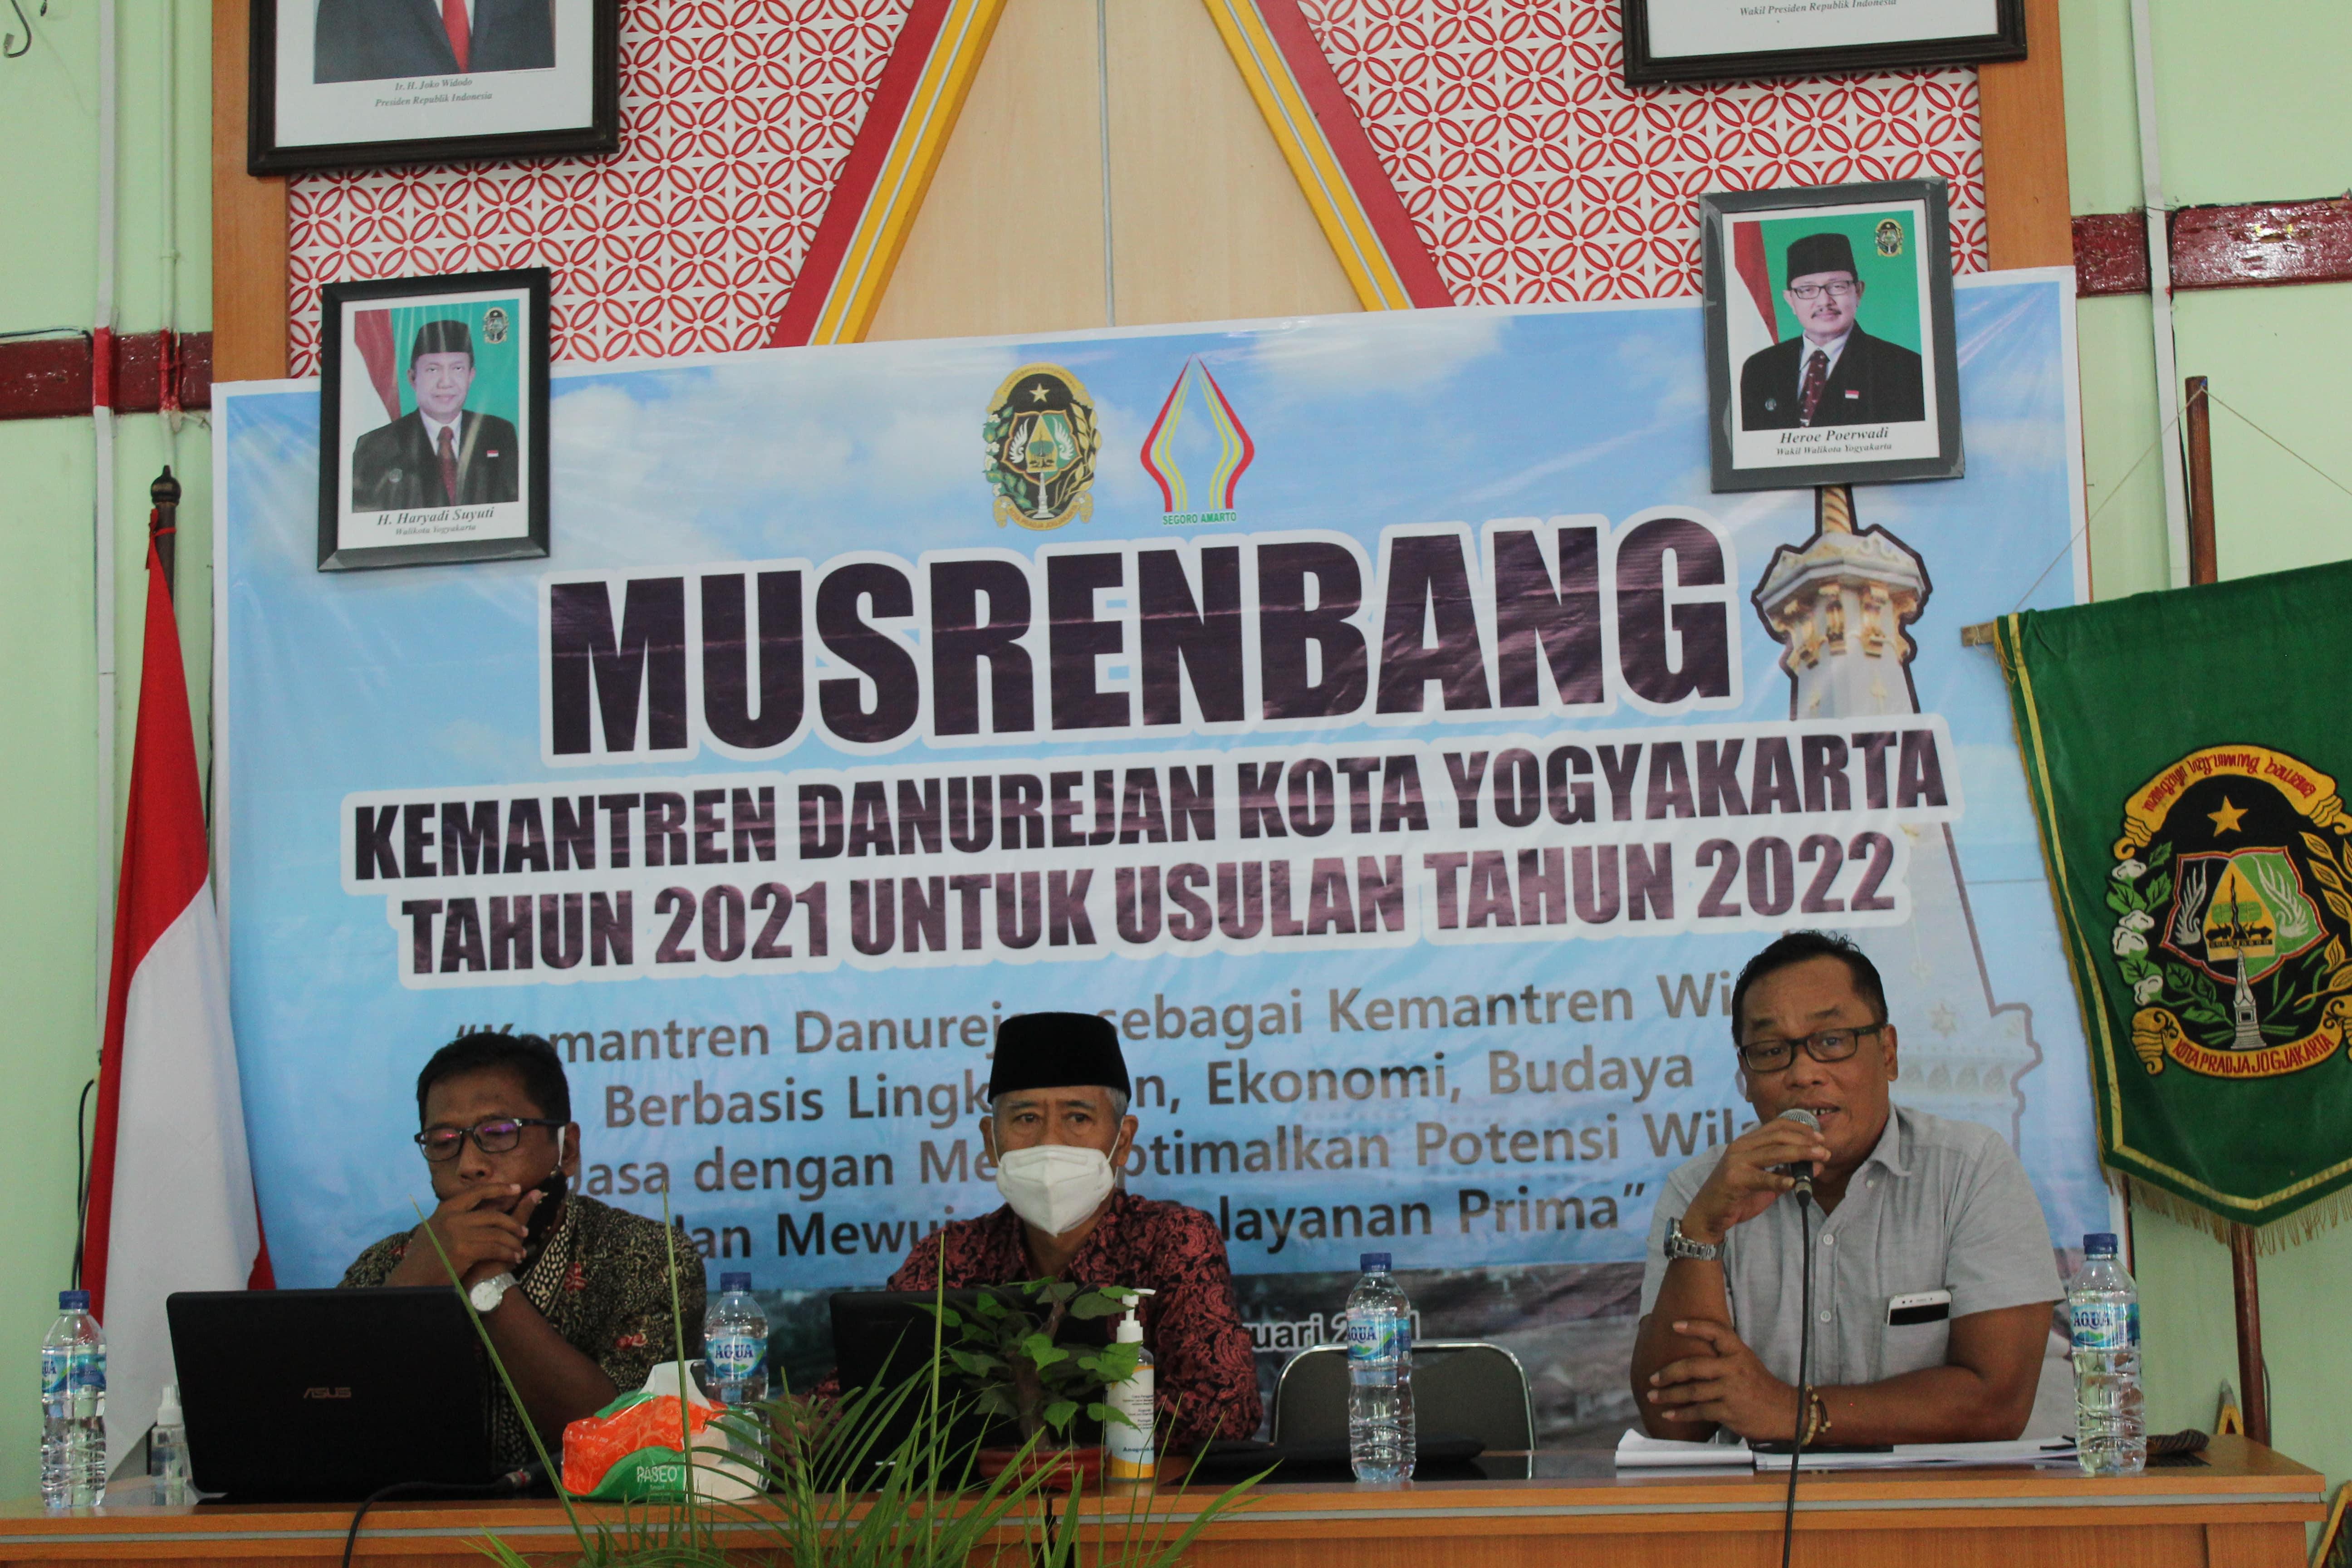 narasumber musrenbang 2021 usulan 2022